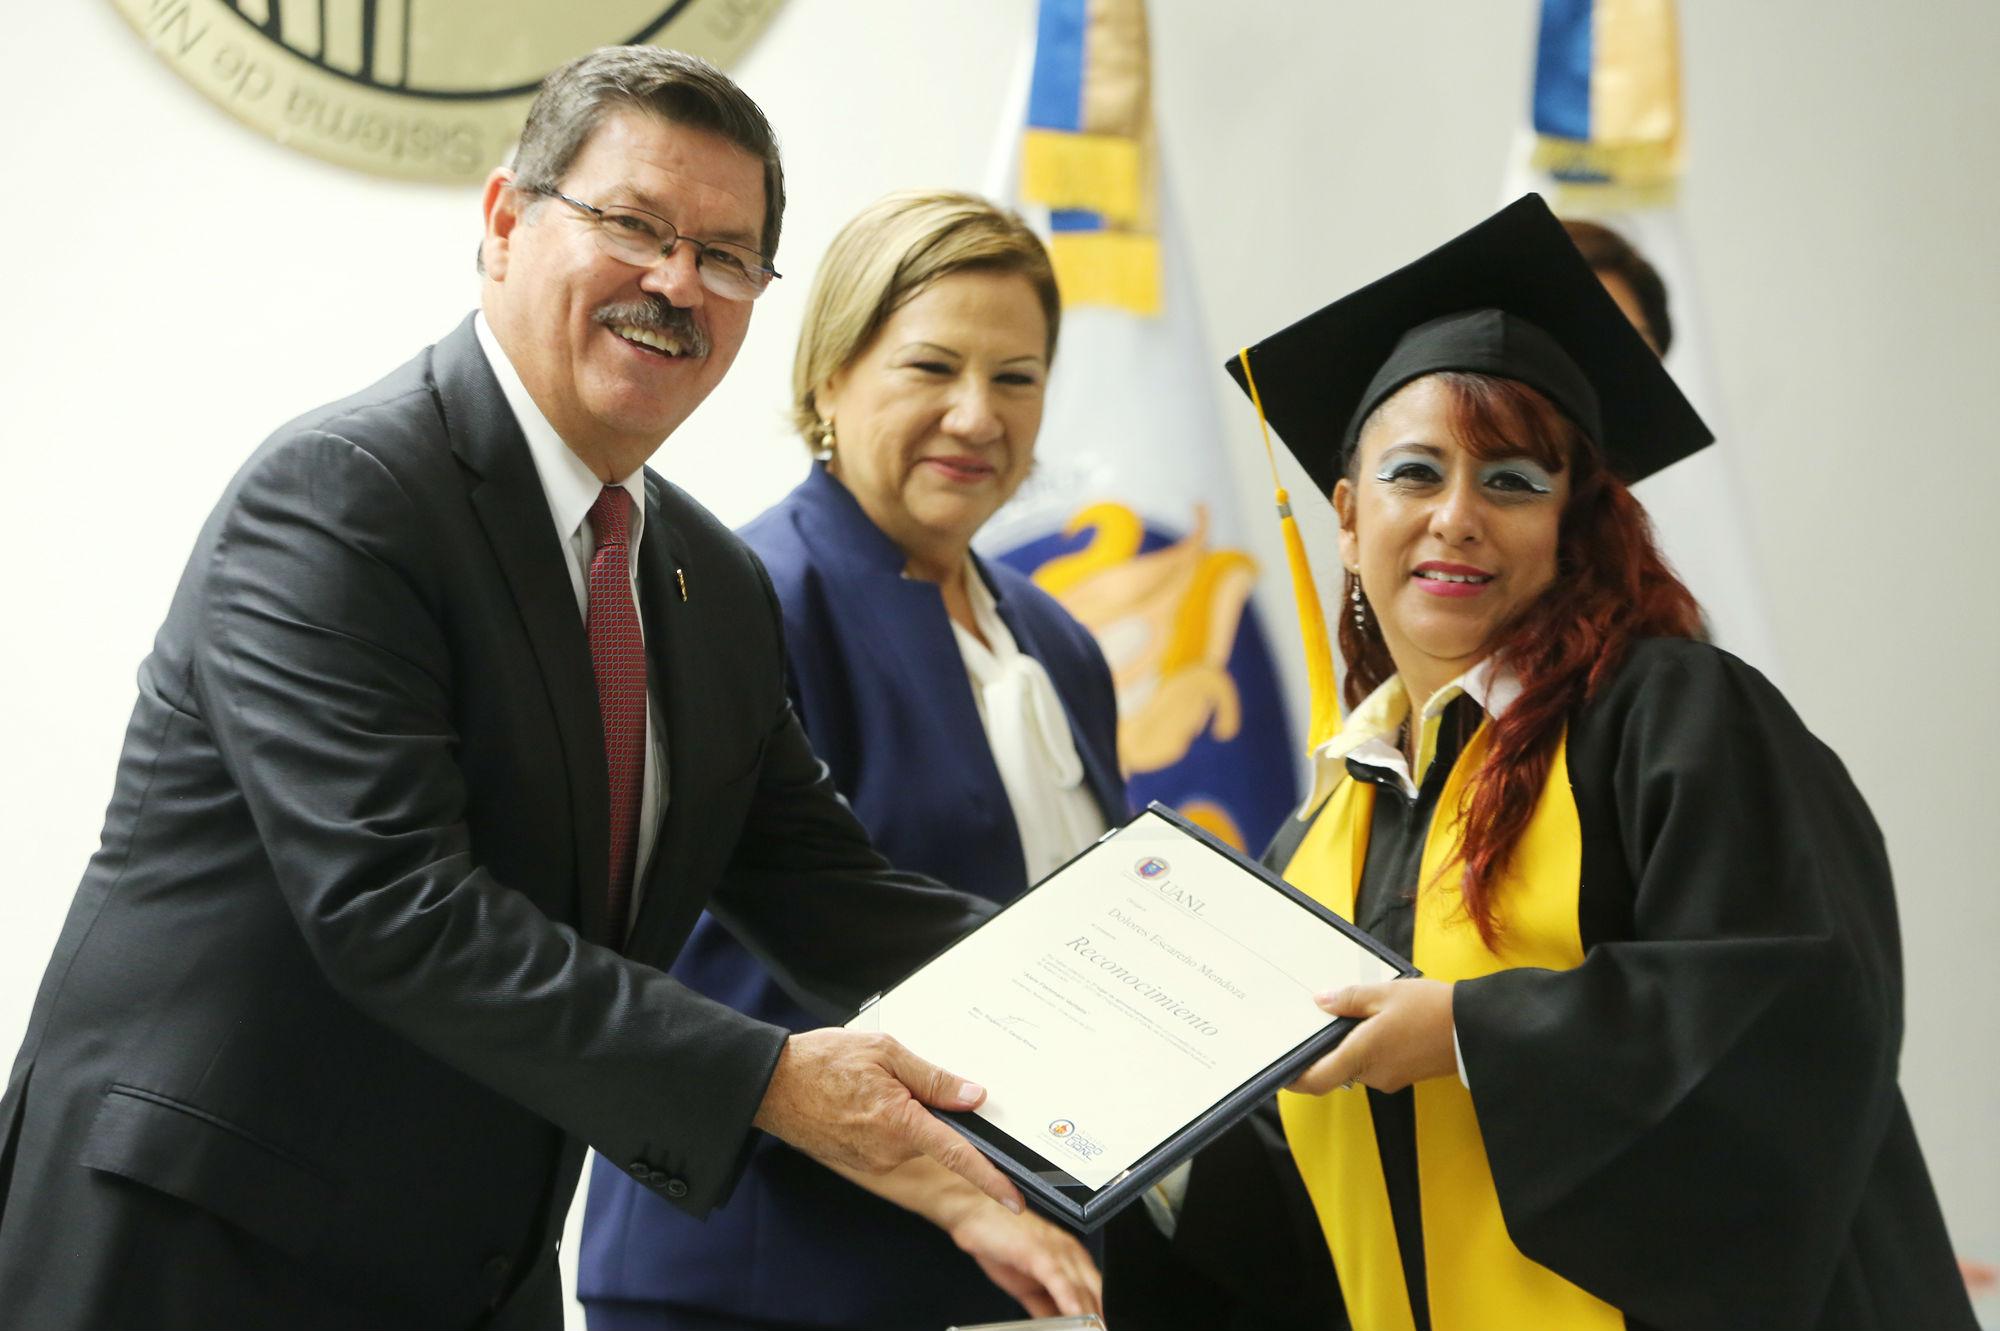 Veinte graduados entrarán al nivel superior